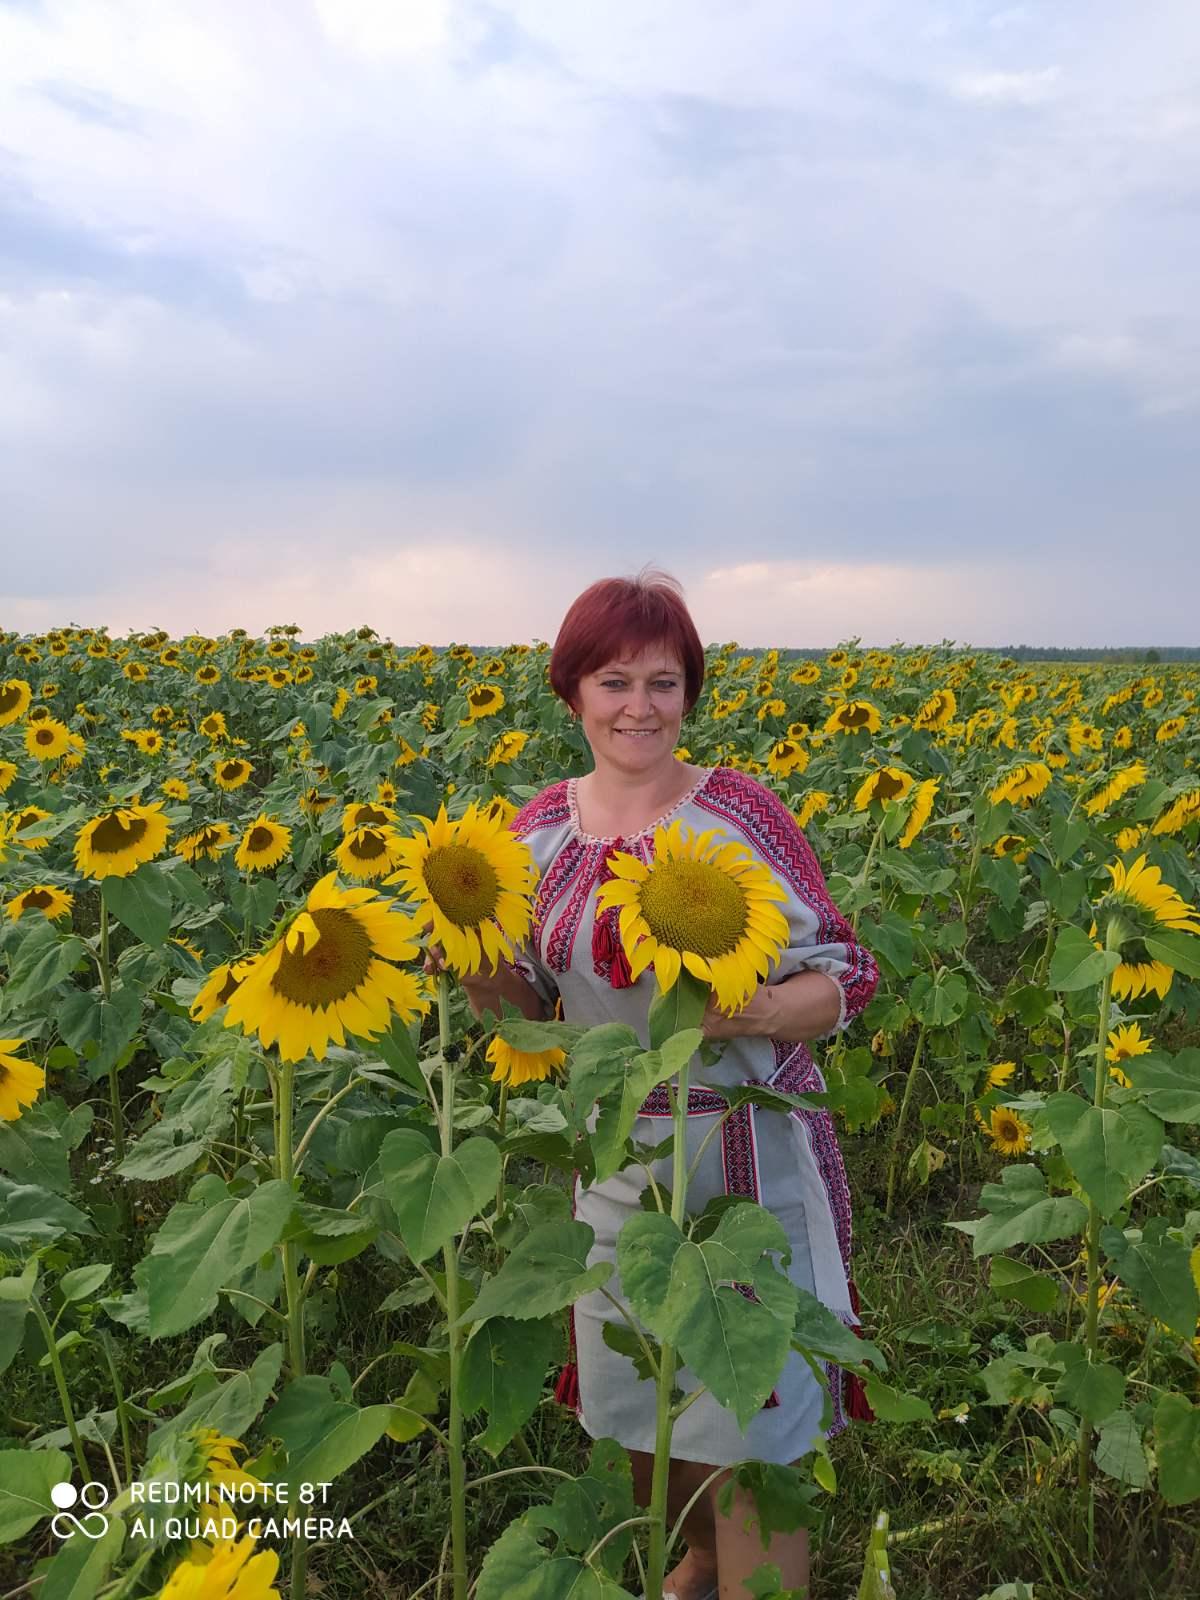 zobrazhennya_viber_2020-08-19_20-51-15